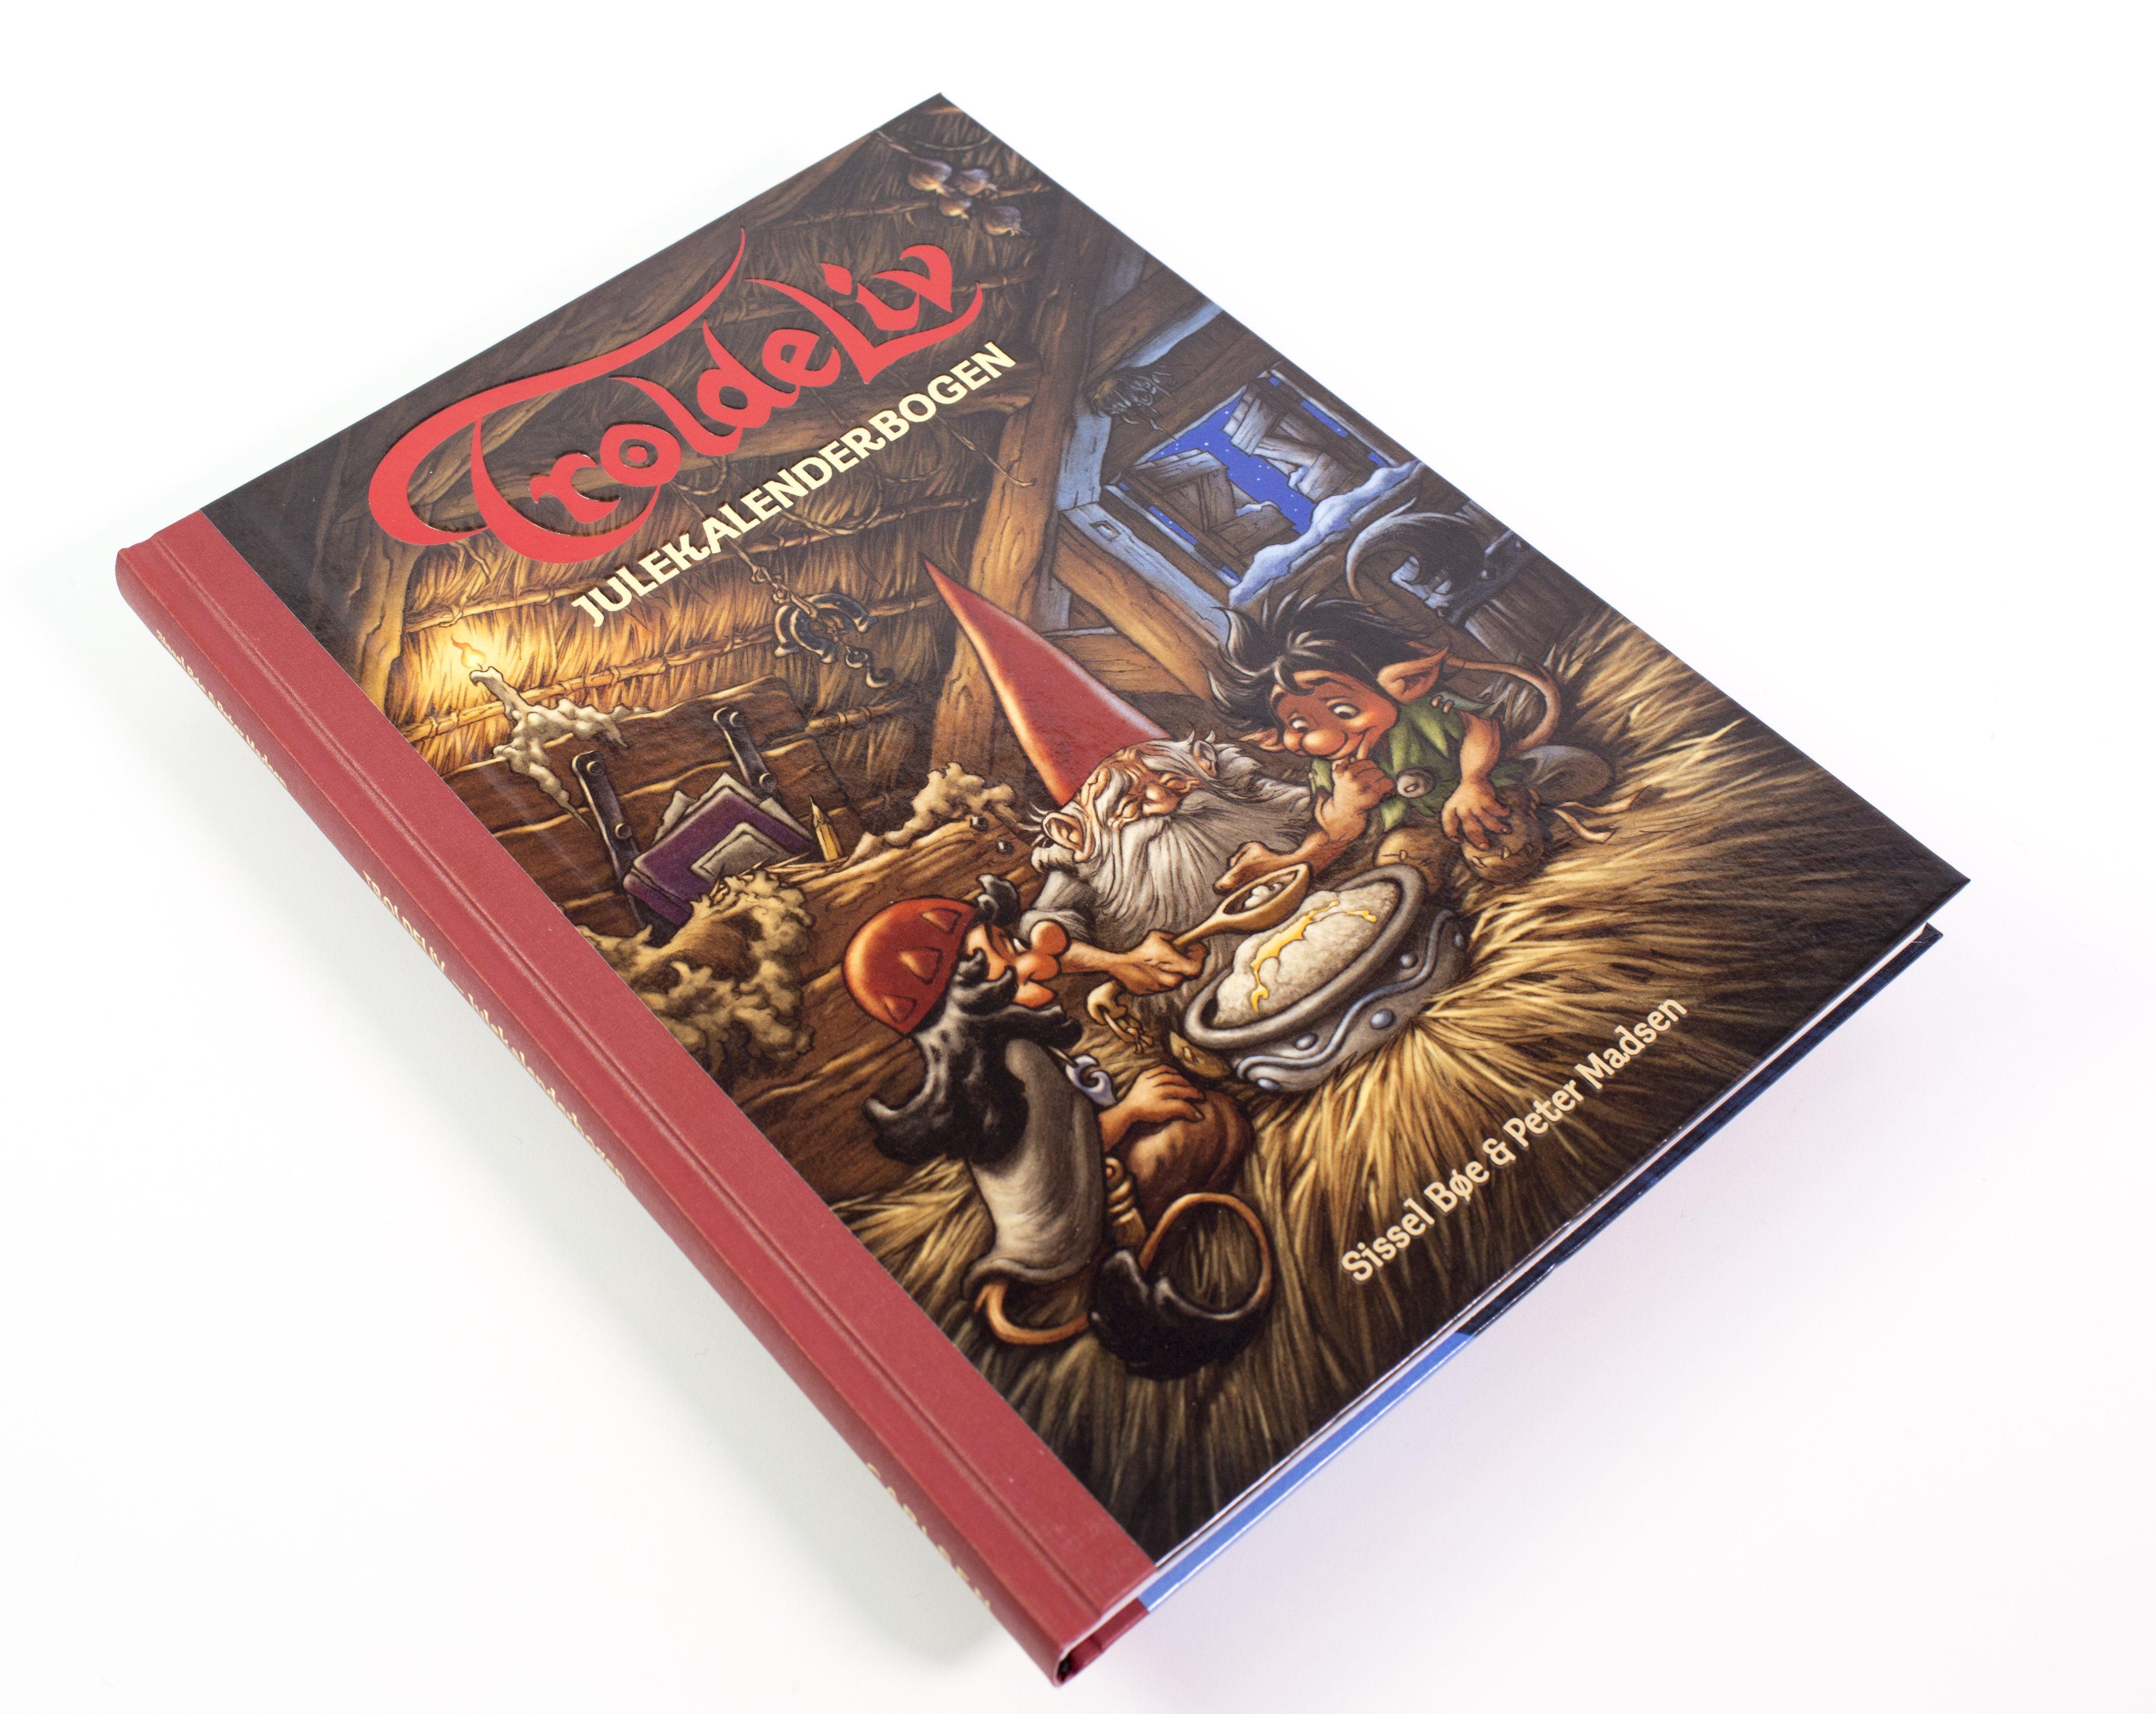 Jul, julekalender, julebog, kalenderbog, troldeliv, Troldeliv - Julekalenderbogen, Sissel Bøe og Peter Madsen,